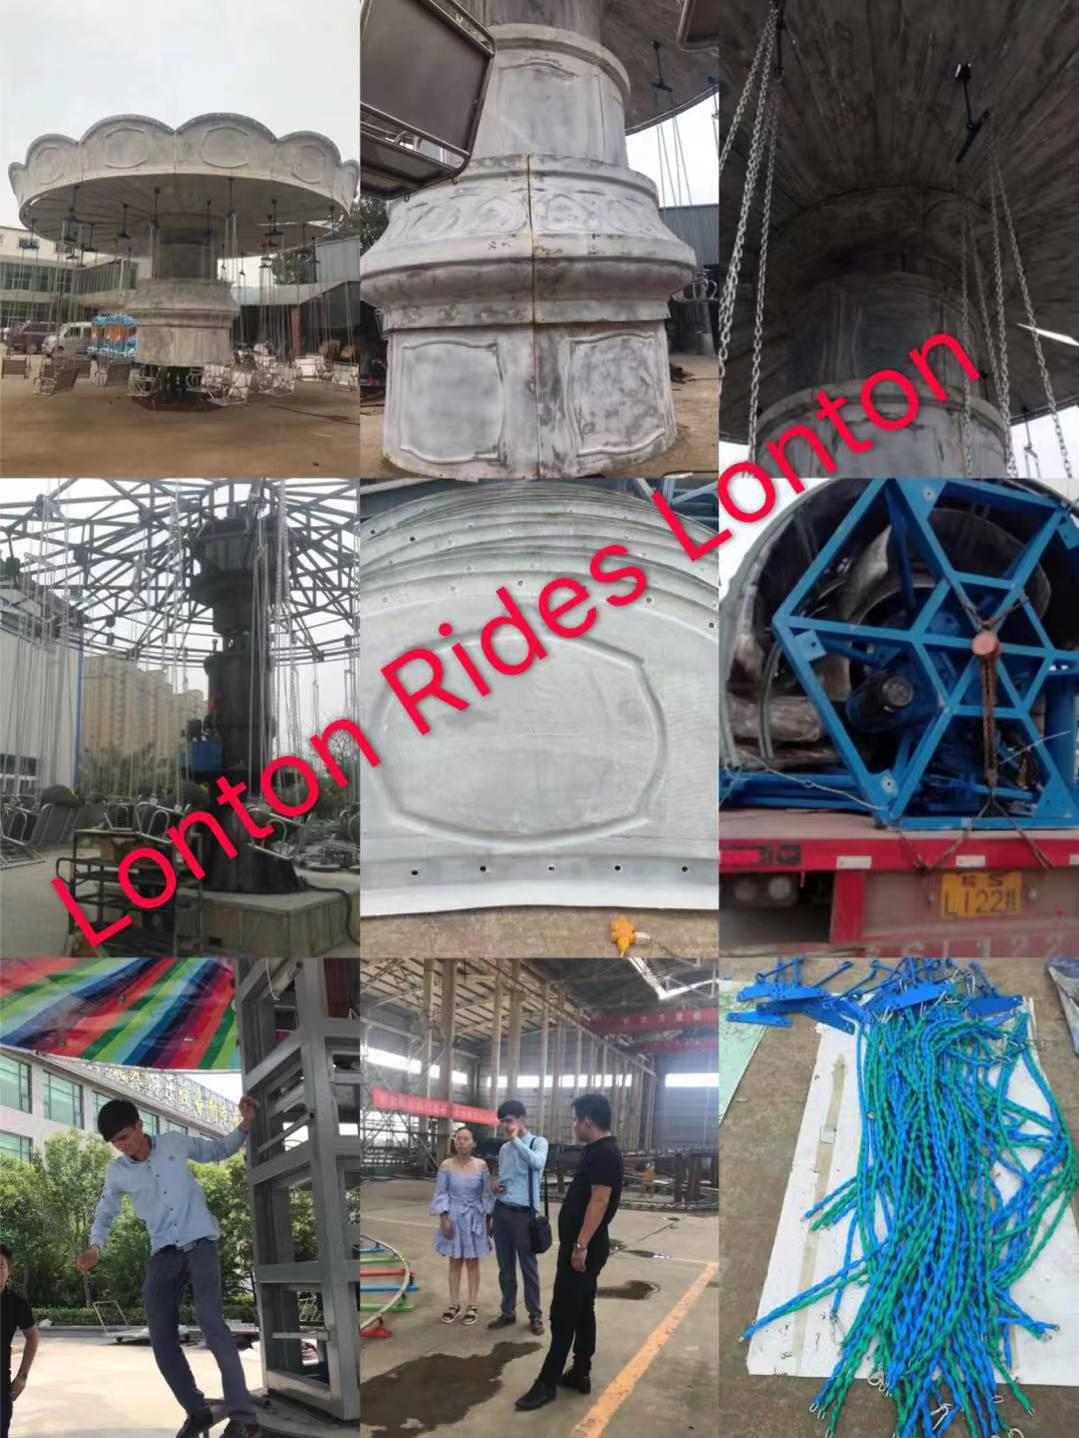 Lonton Rides Costomer Visit